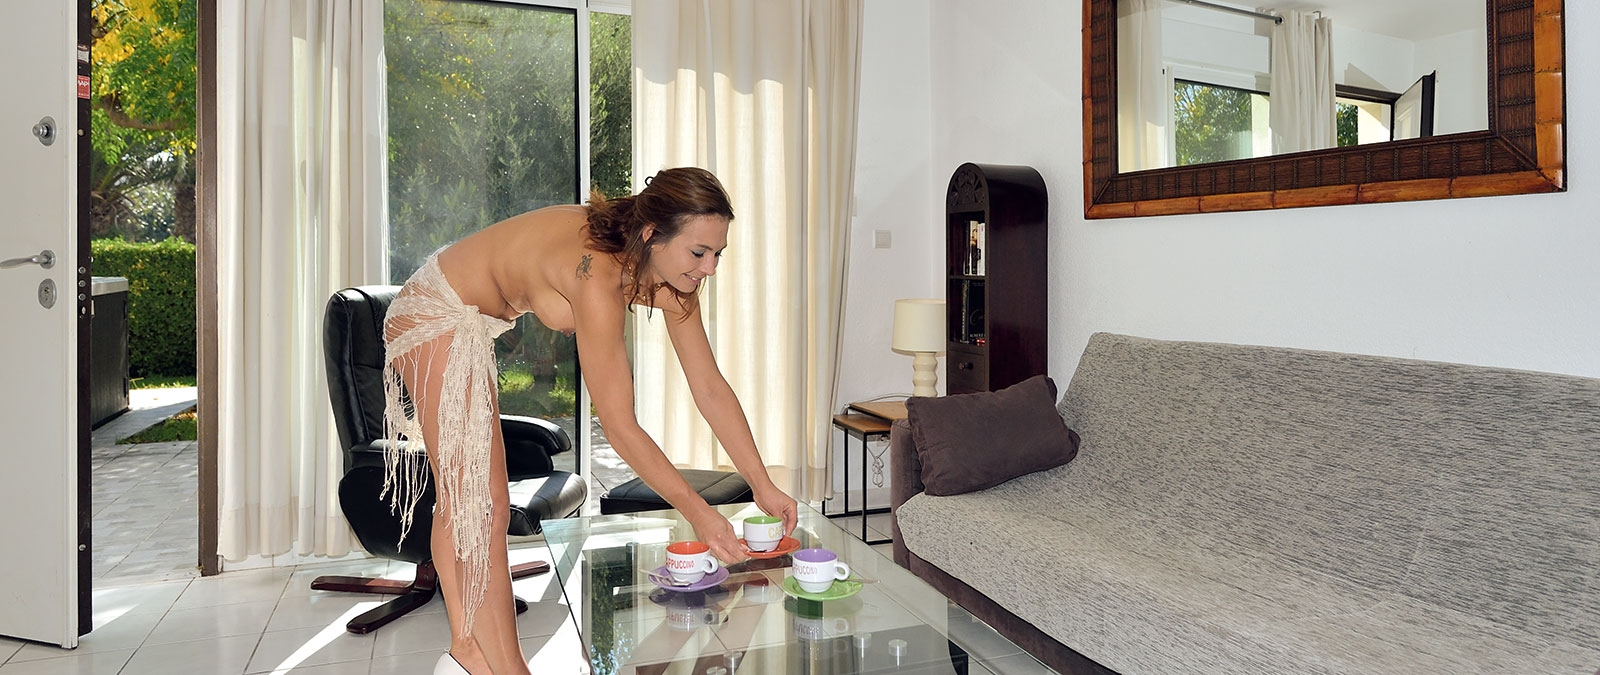 Pics cap d agde France's Nude